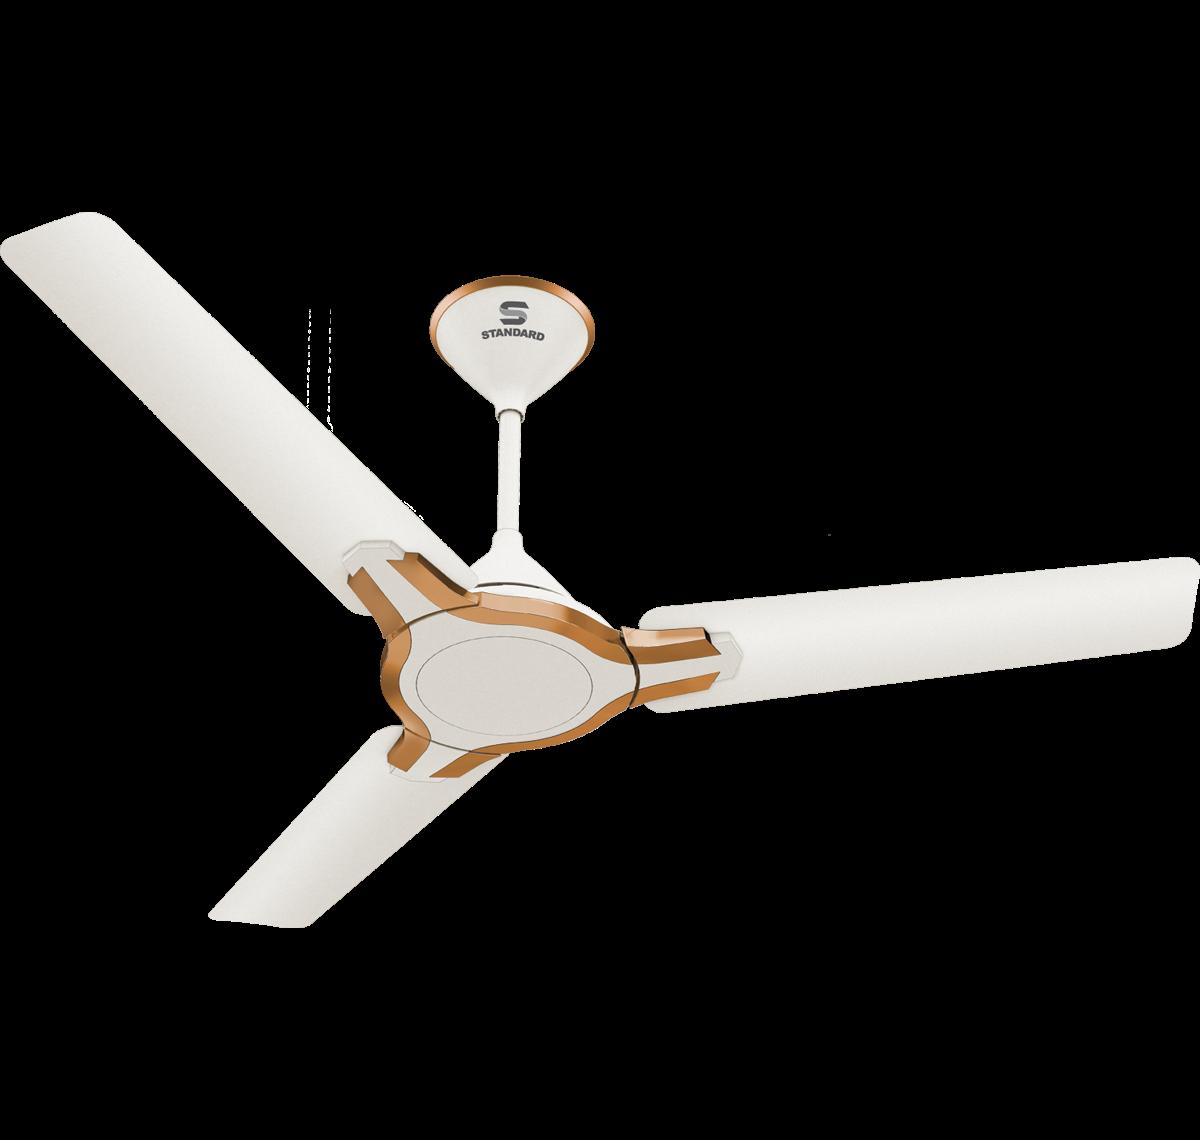 Standard Brisk Ceiling Fan In 2020 Ceiling Fan Ceiling Decorative Ceiling Fans